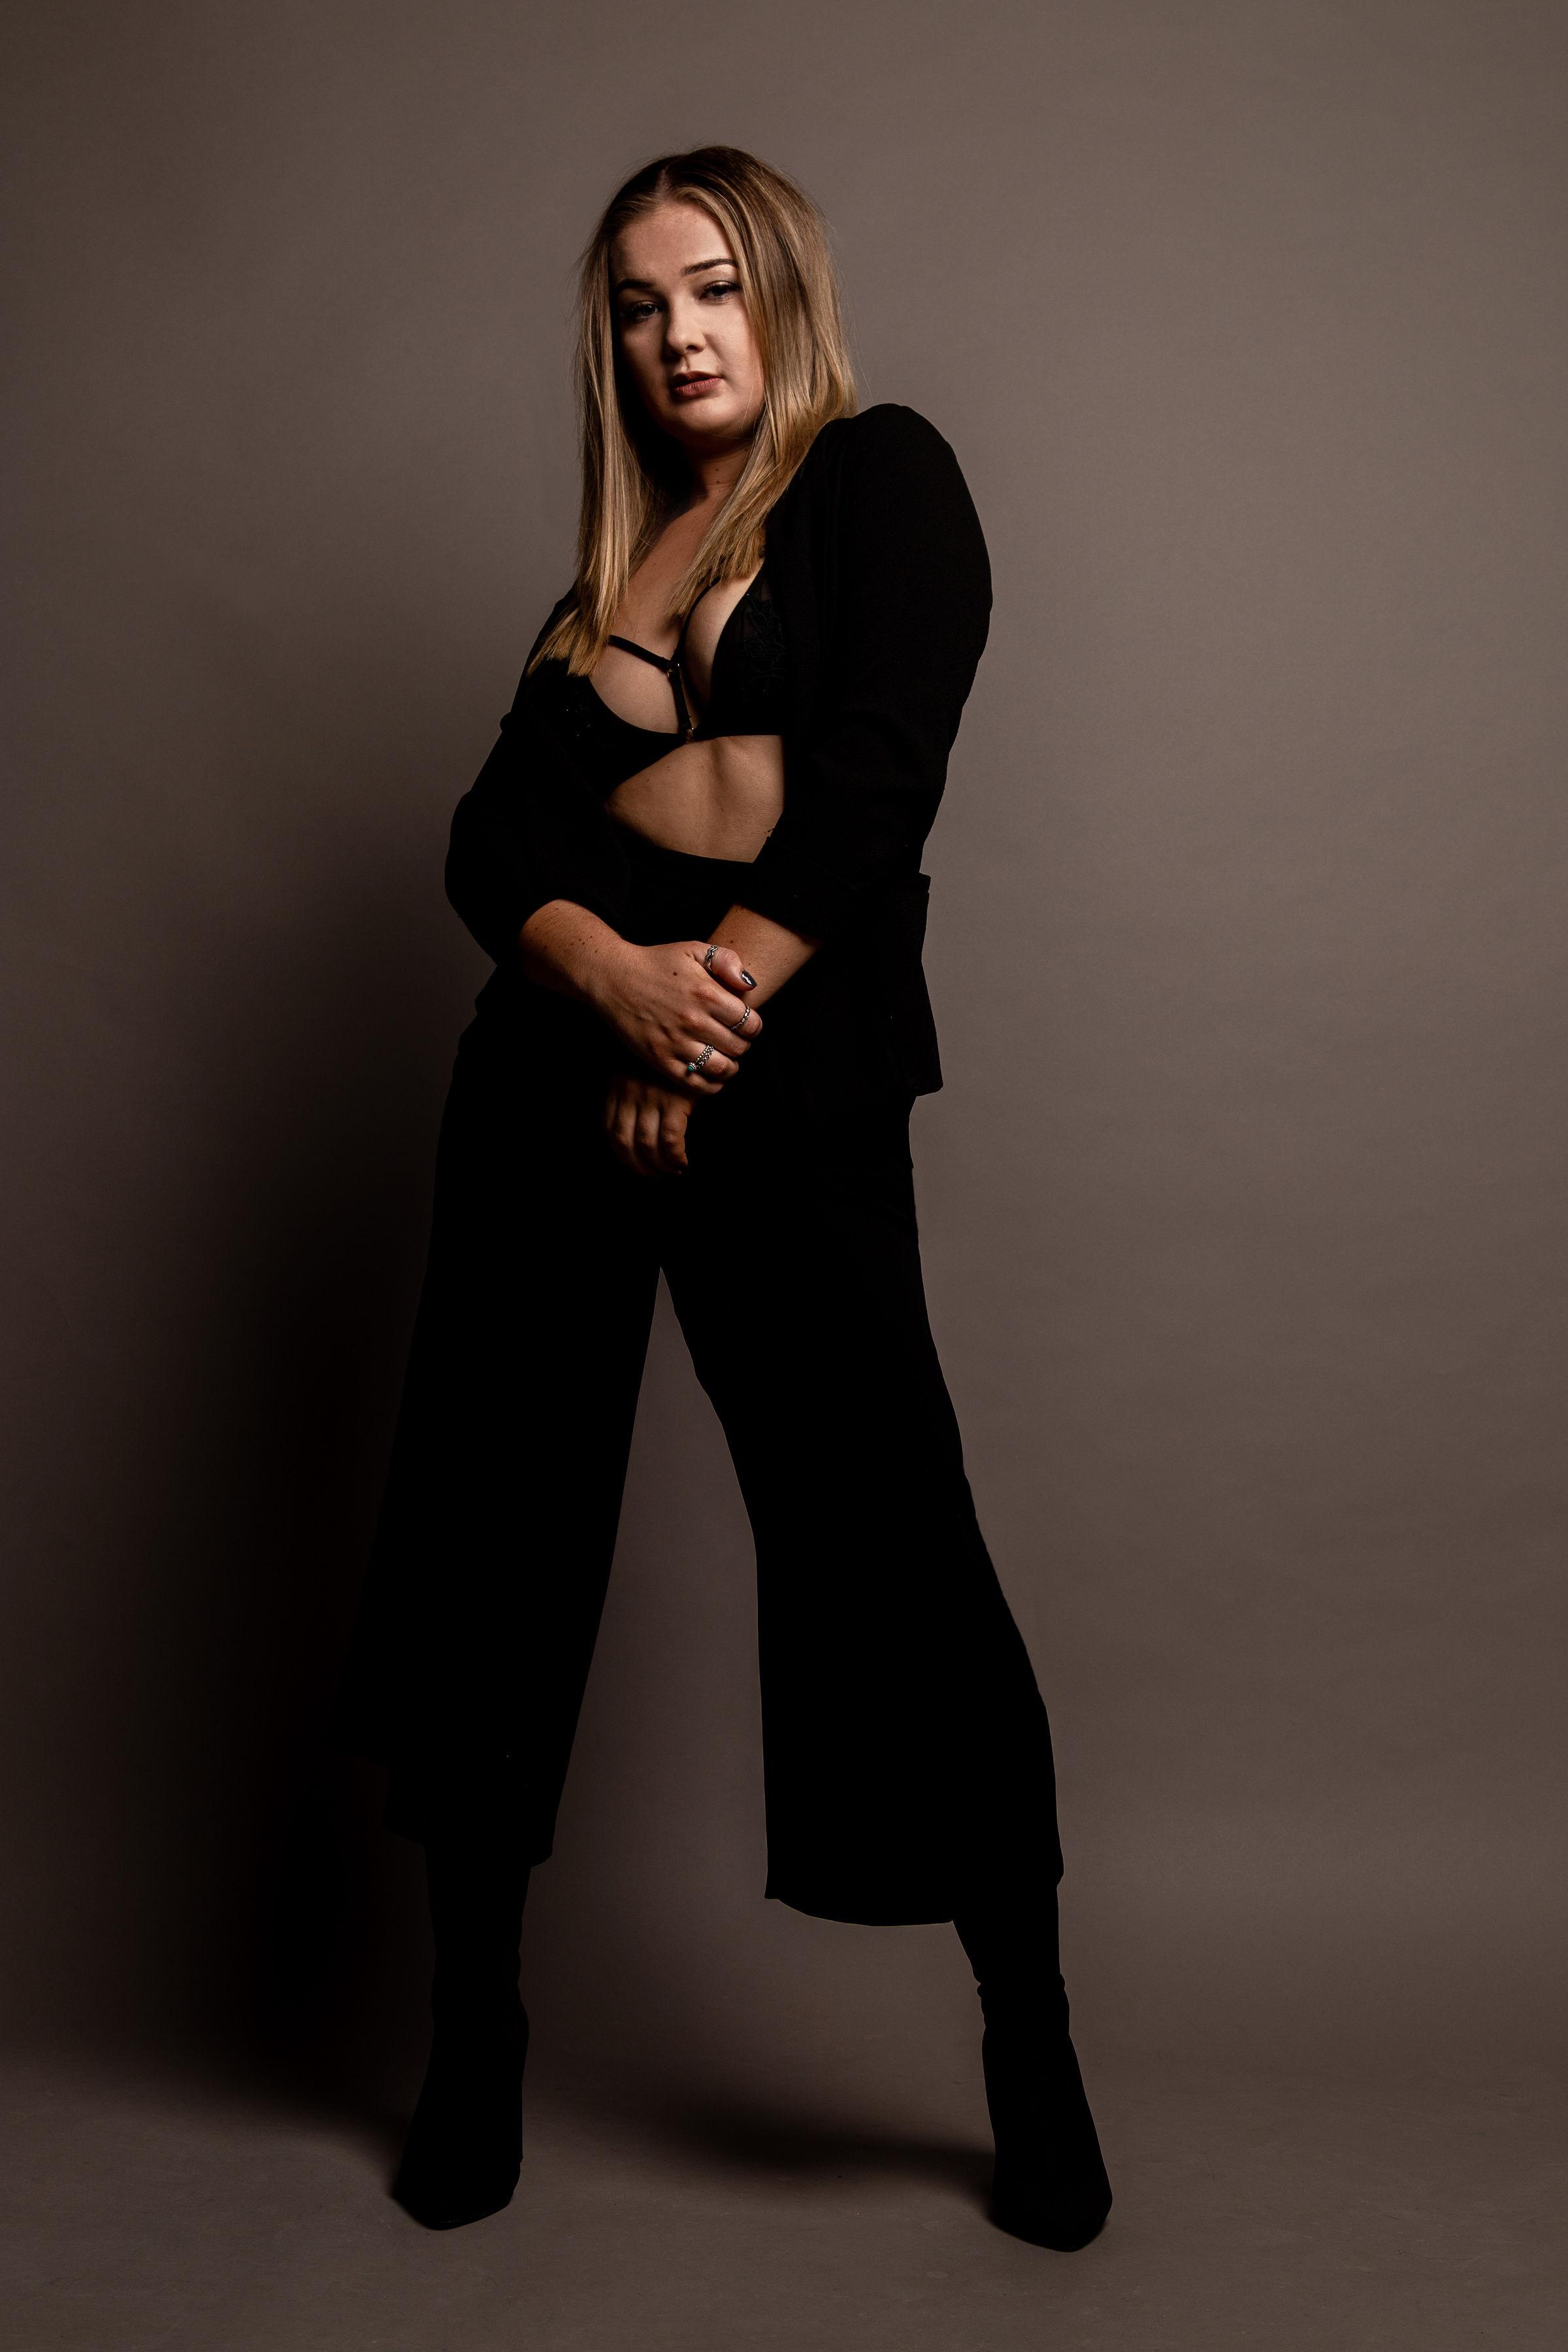 emma barrow photography devon plymouth model fashion workshop